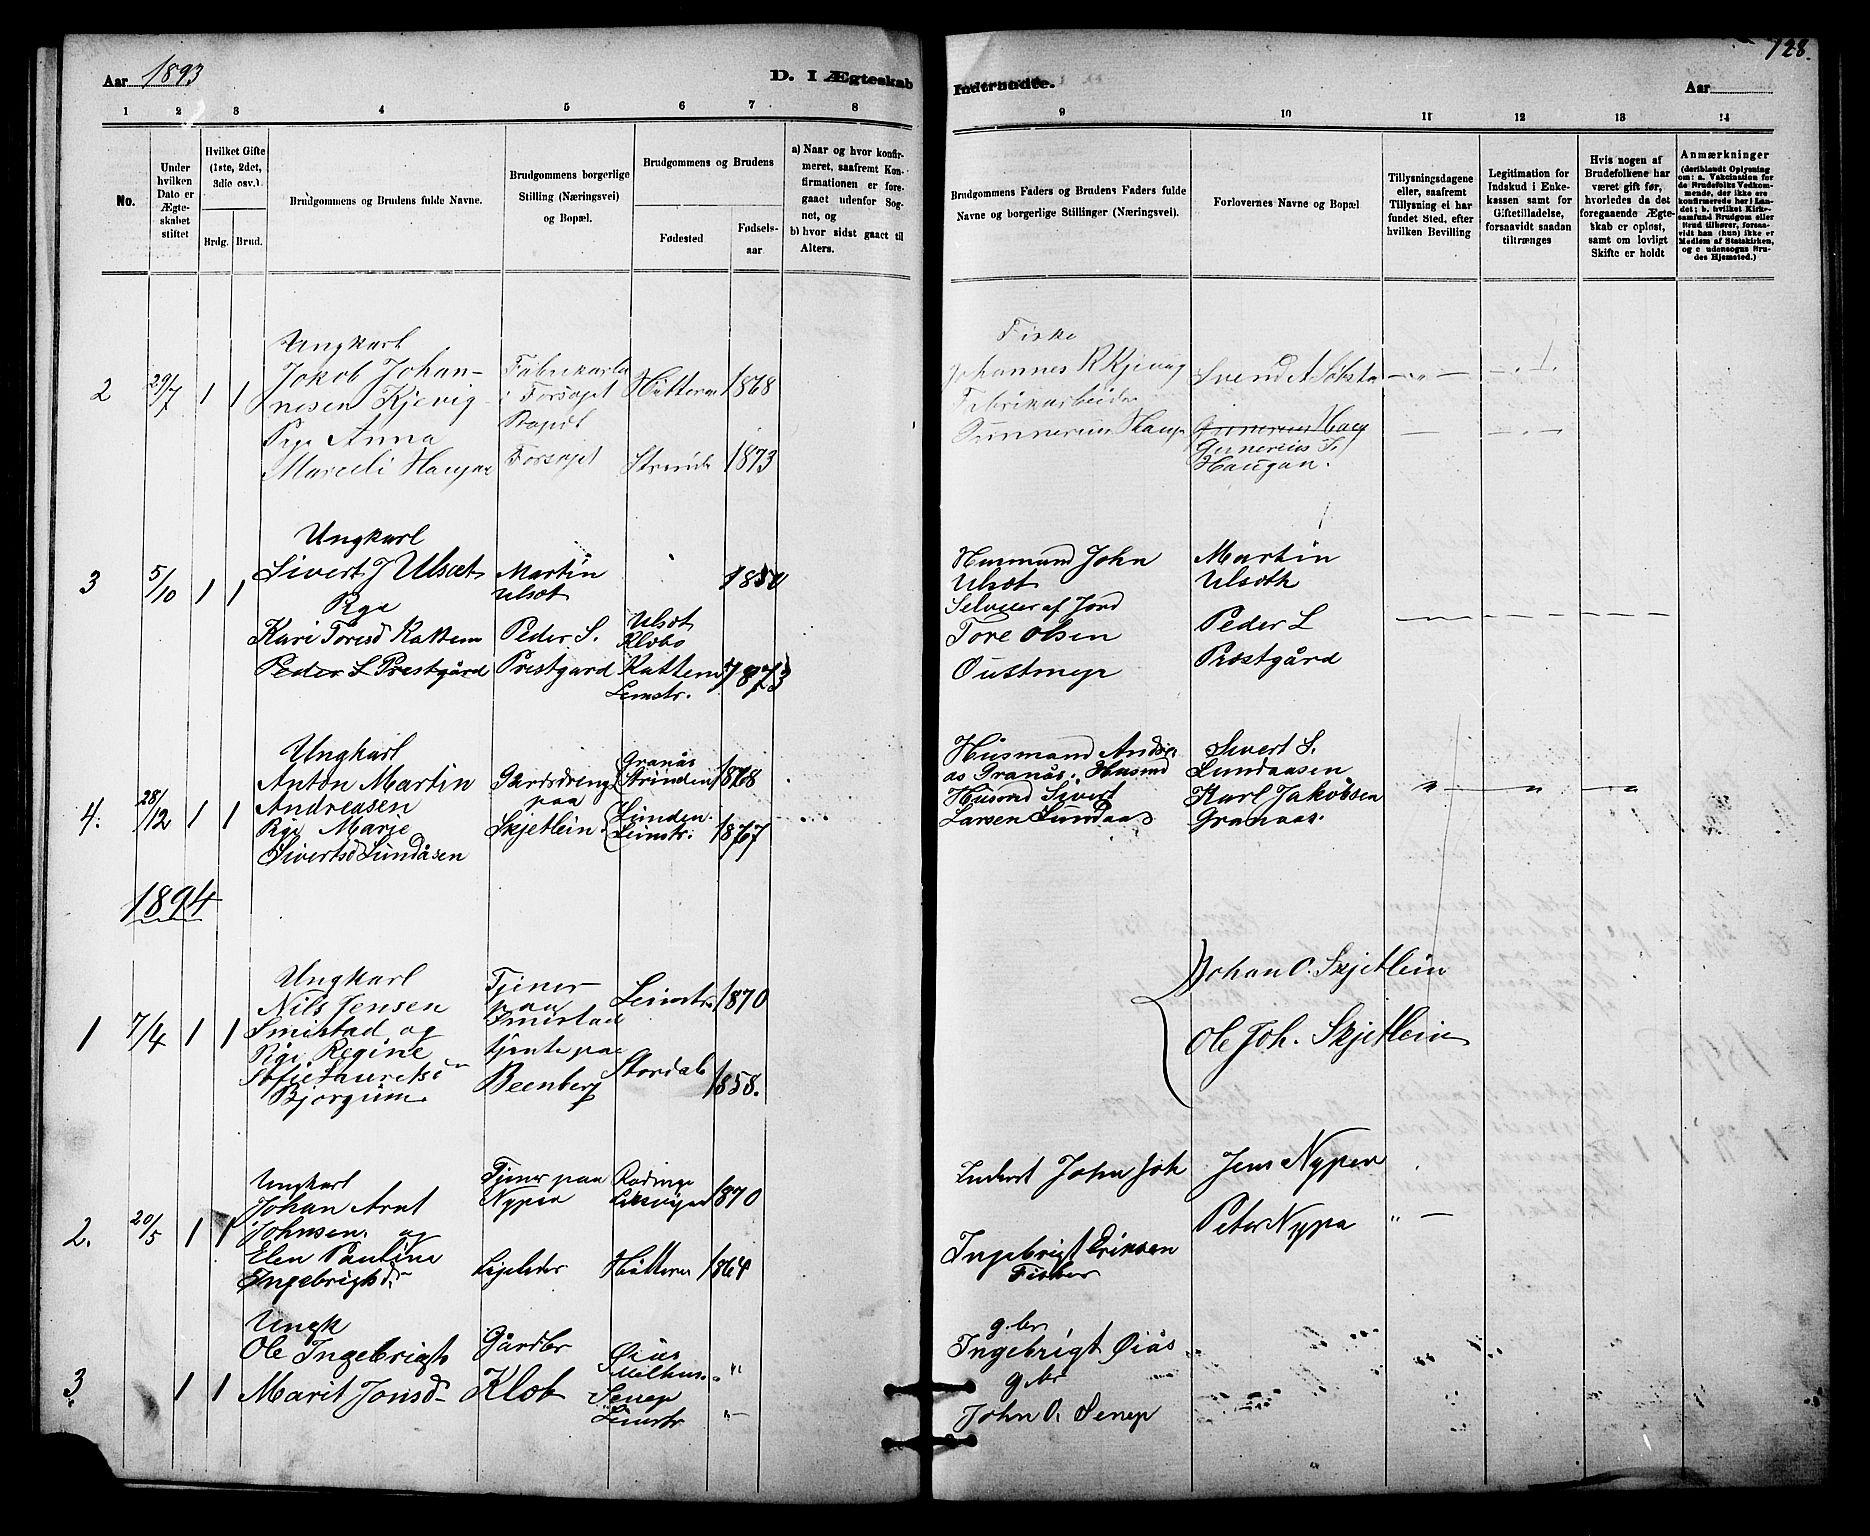 SAT, Ministerialprotokoller, klokkerbøker og fødselsregistre - Sør-Trøndelag, 613/L0395: Klokkerbok nr. 613C03, 1887-1909, s. 128